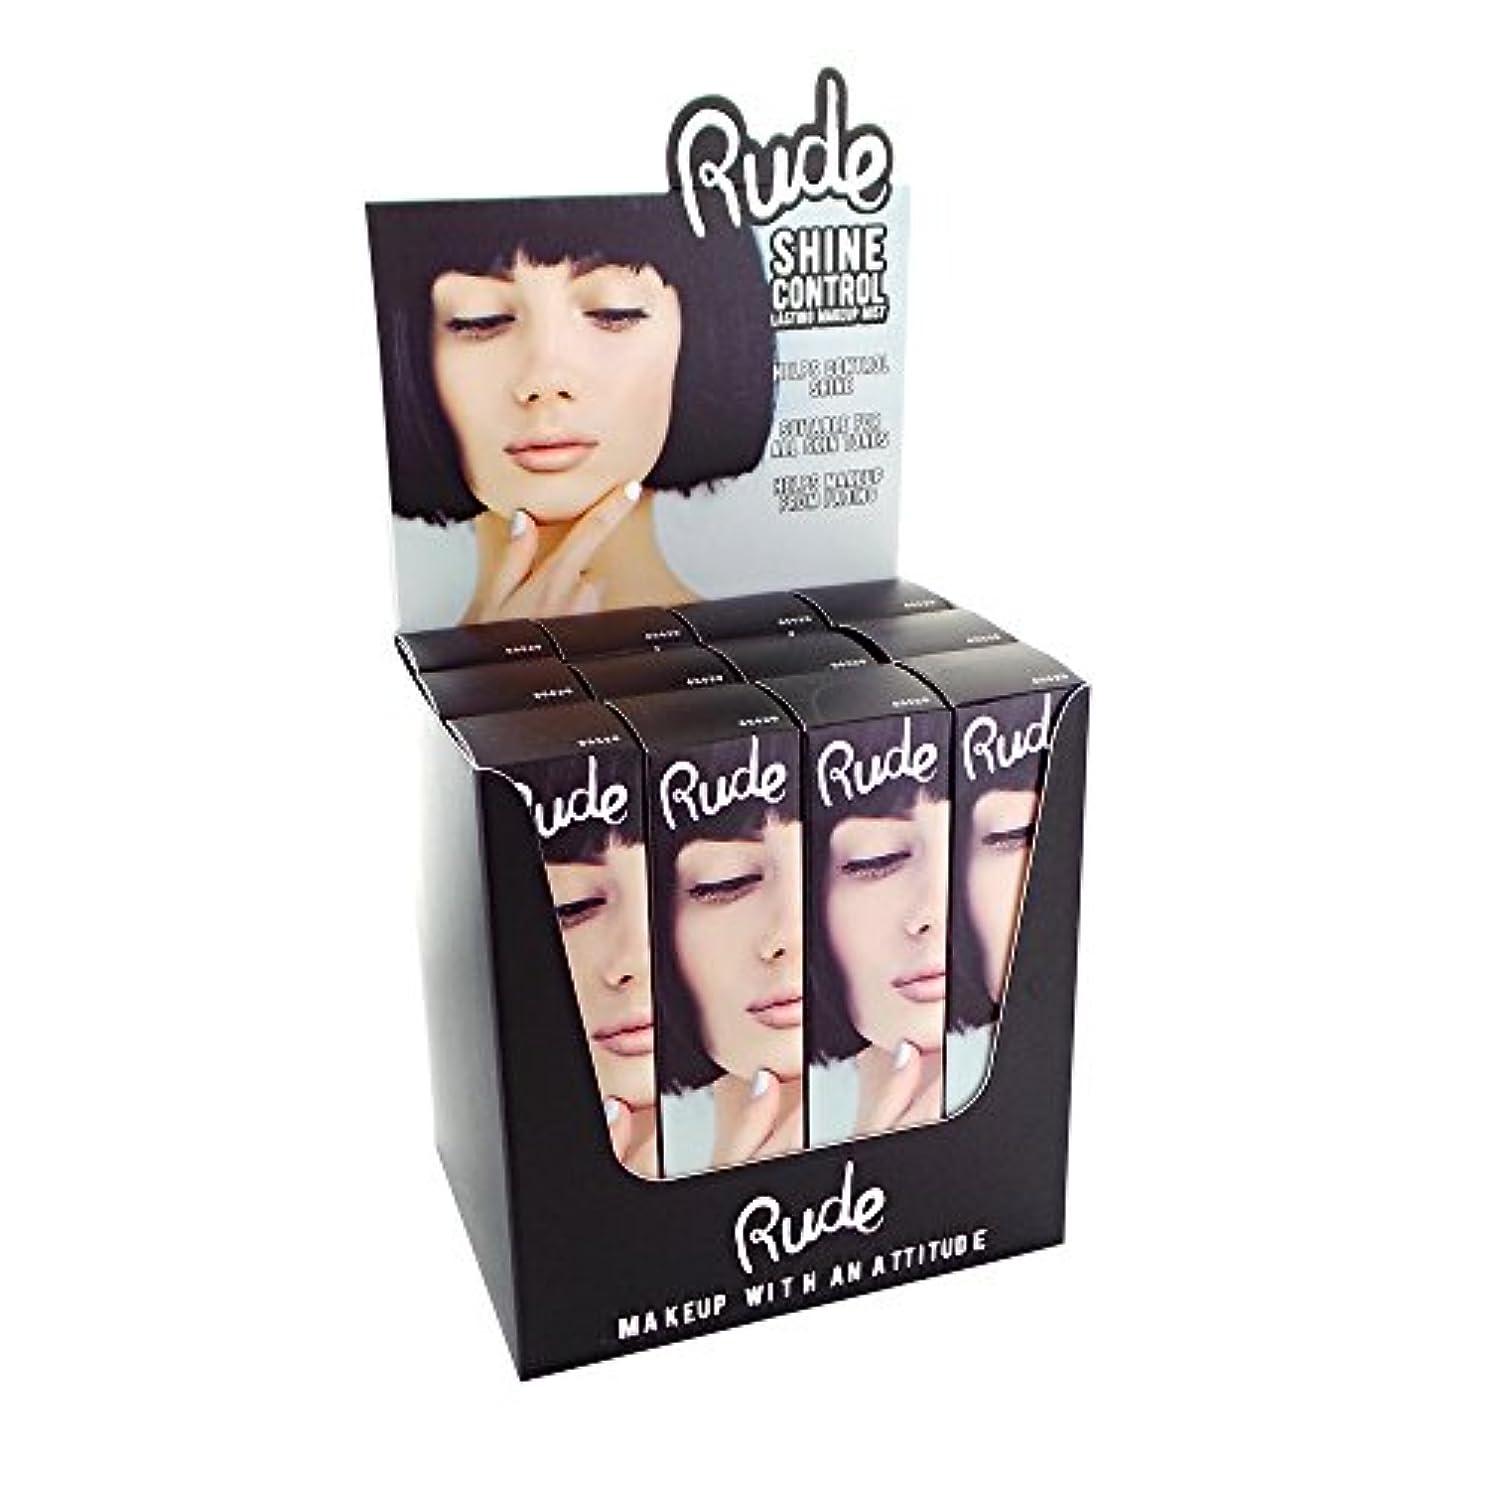 経度急襲好ましいRUDE Shine Control Lasting Makeup Mist Display Set, 12 Pieces (並行輸入品)